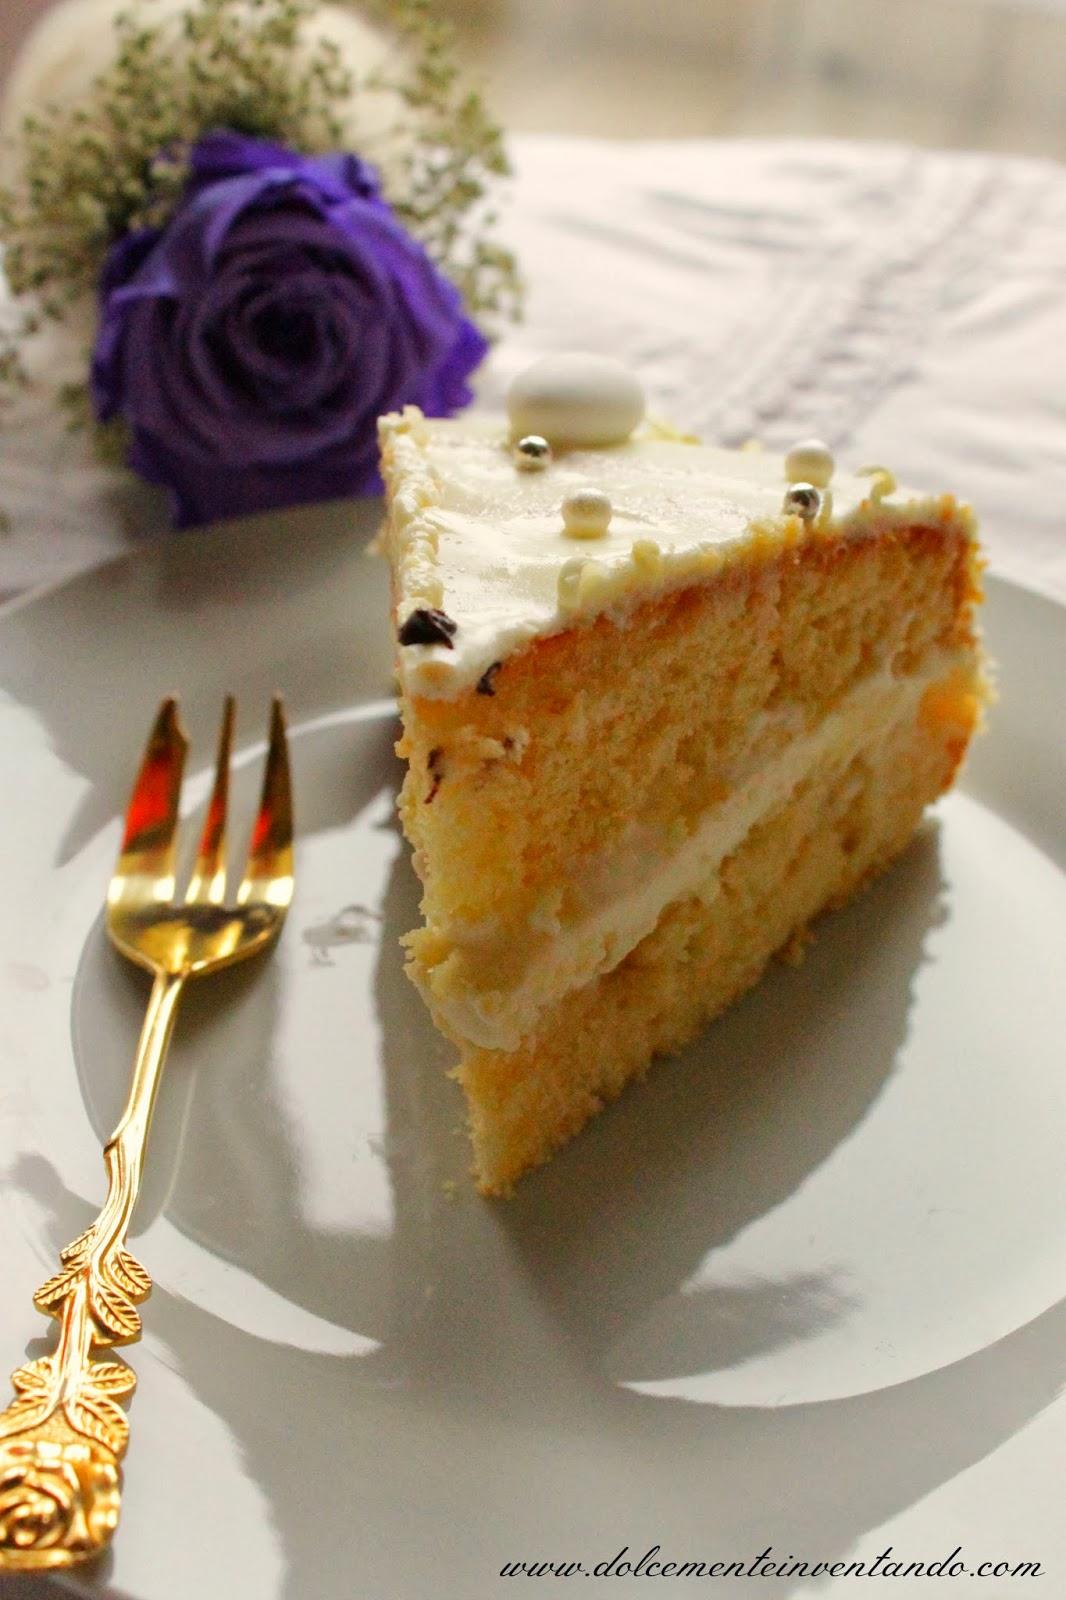 torta bianca armonia alle mandorle e crema profumata al limone per l'anniversario dei miei suoceri